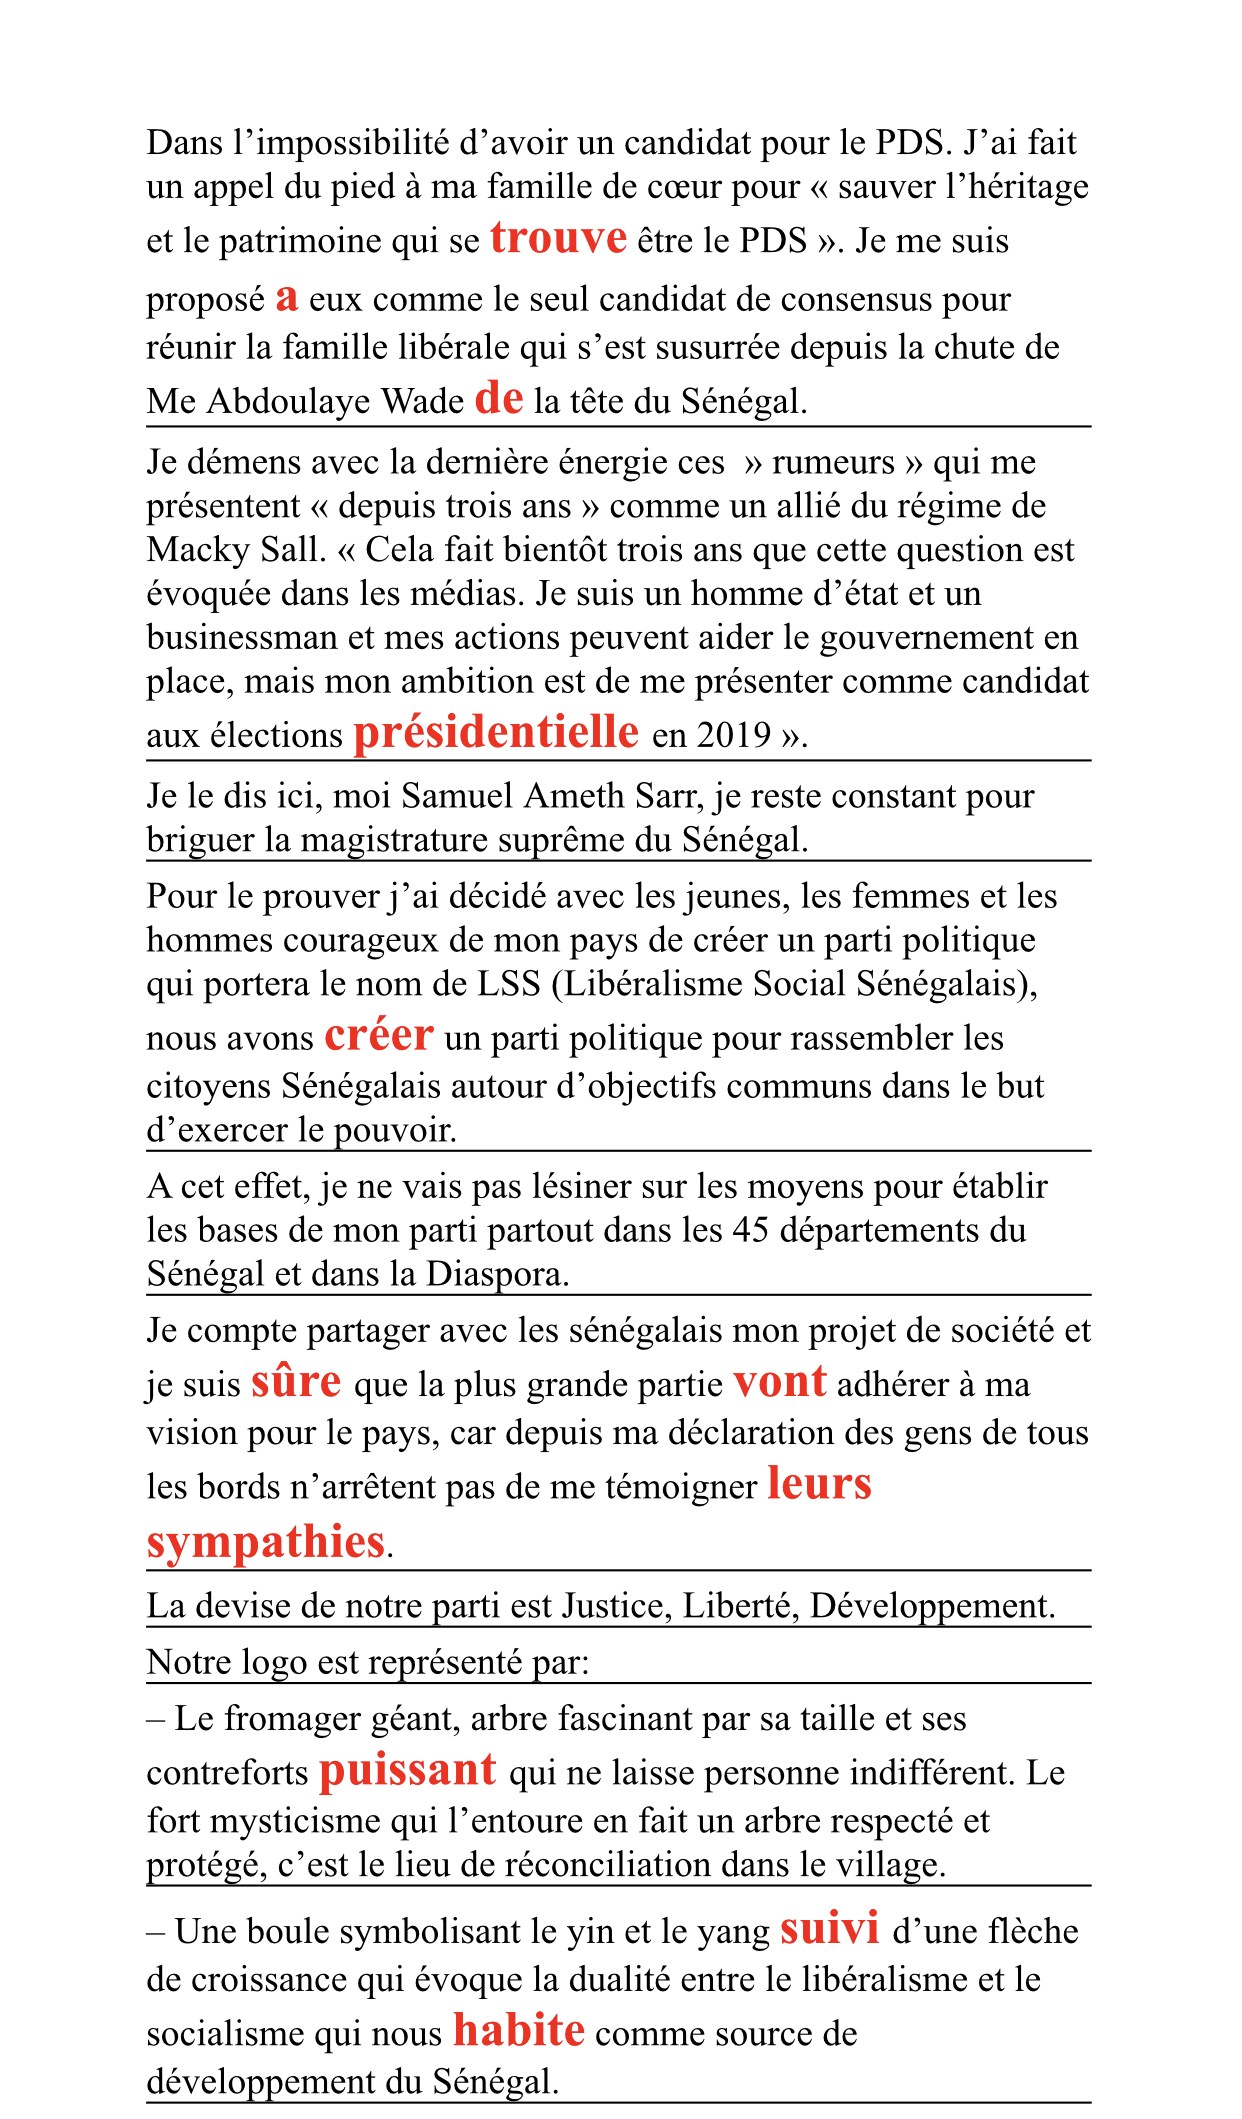 Samuel Sarr et ses quatorze fautes de français1